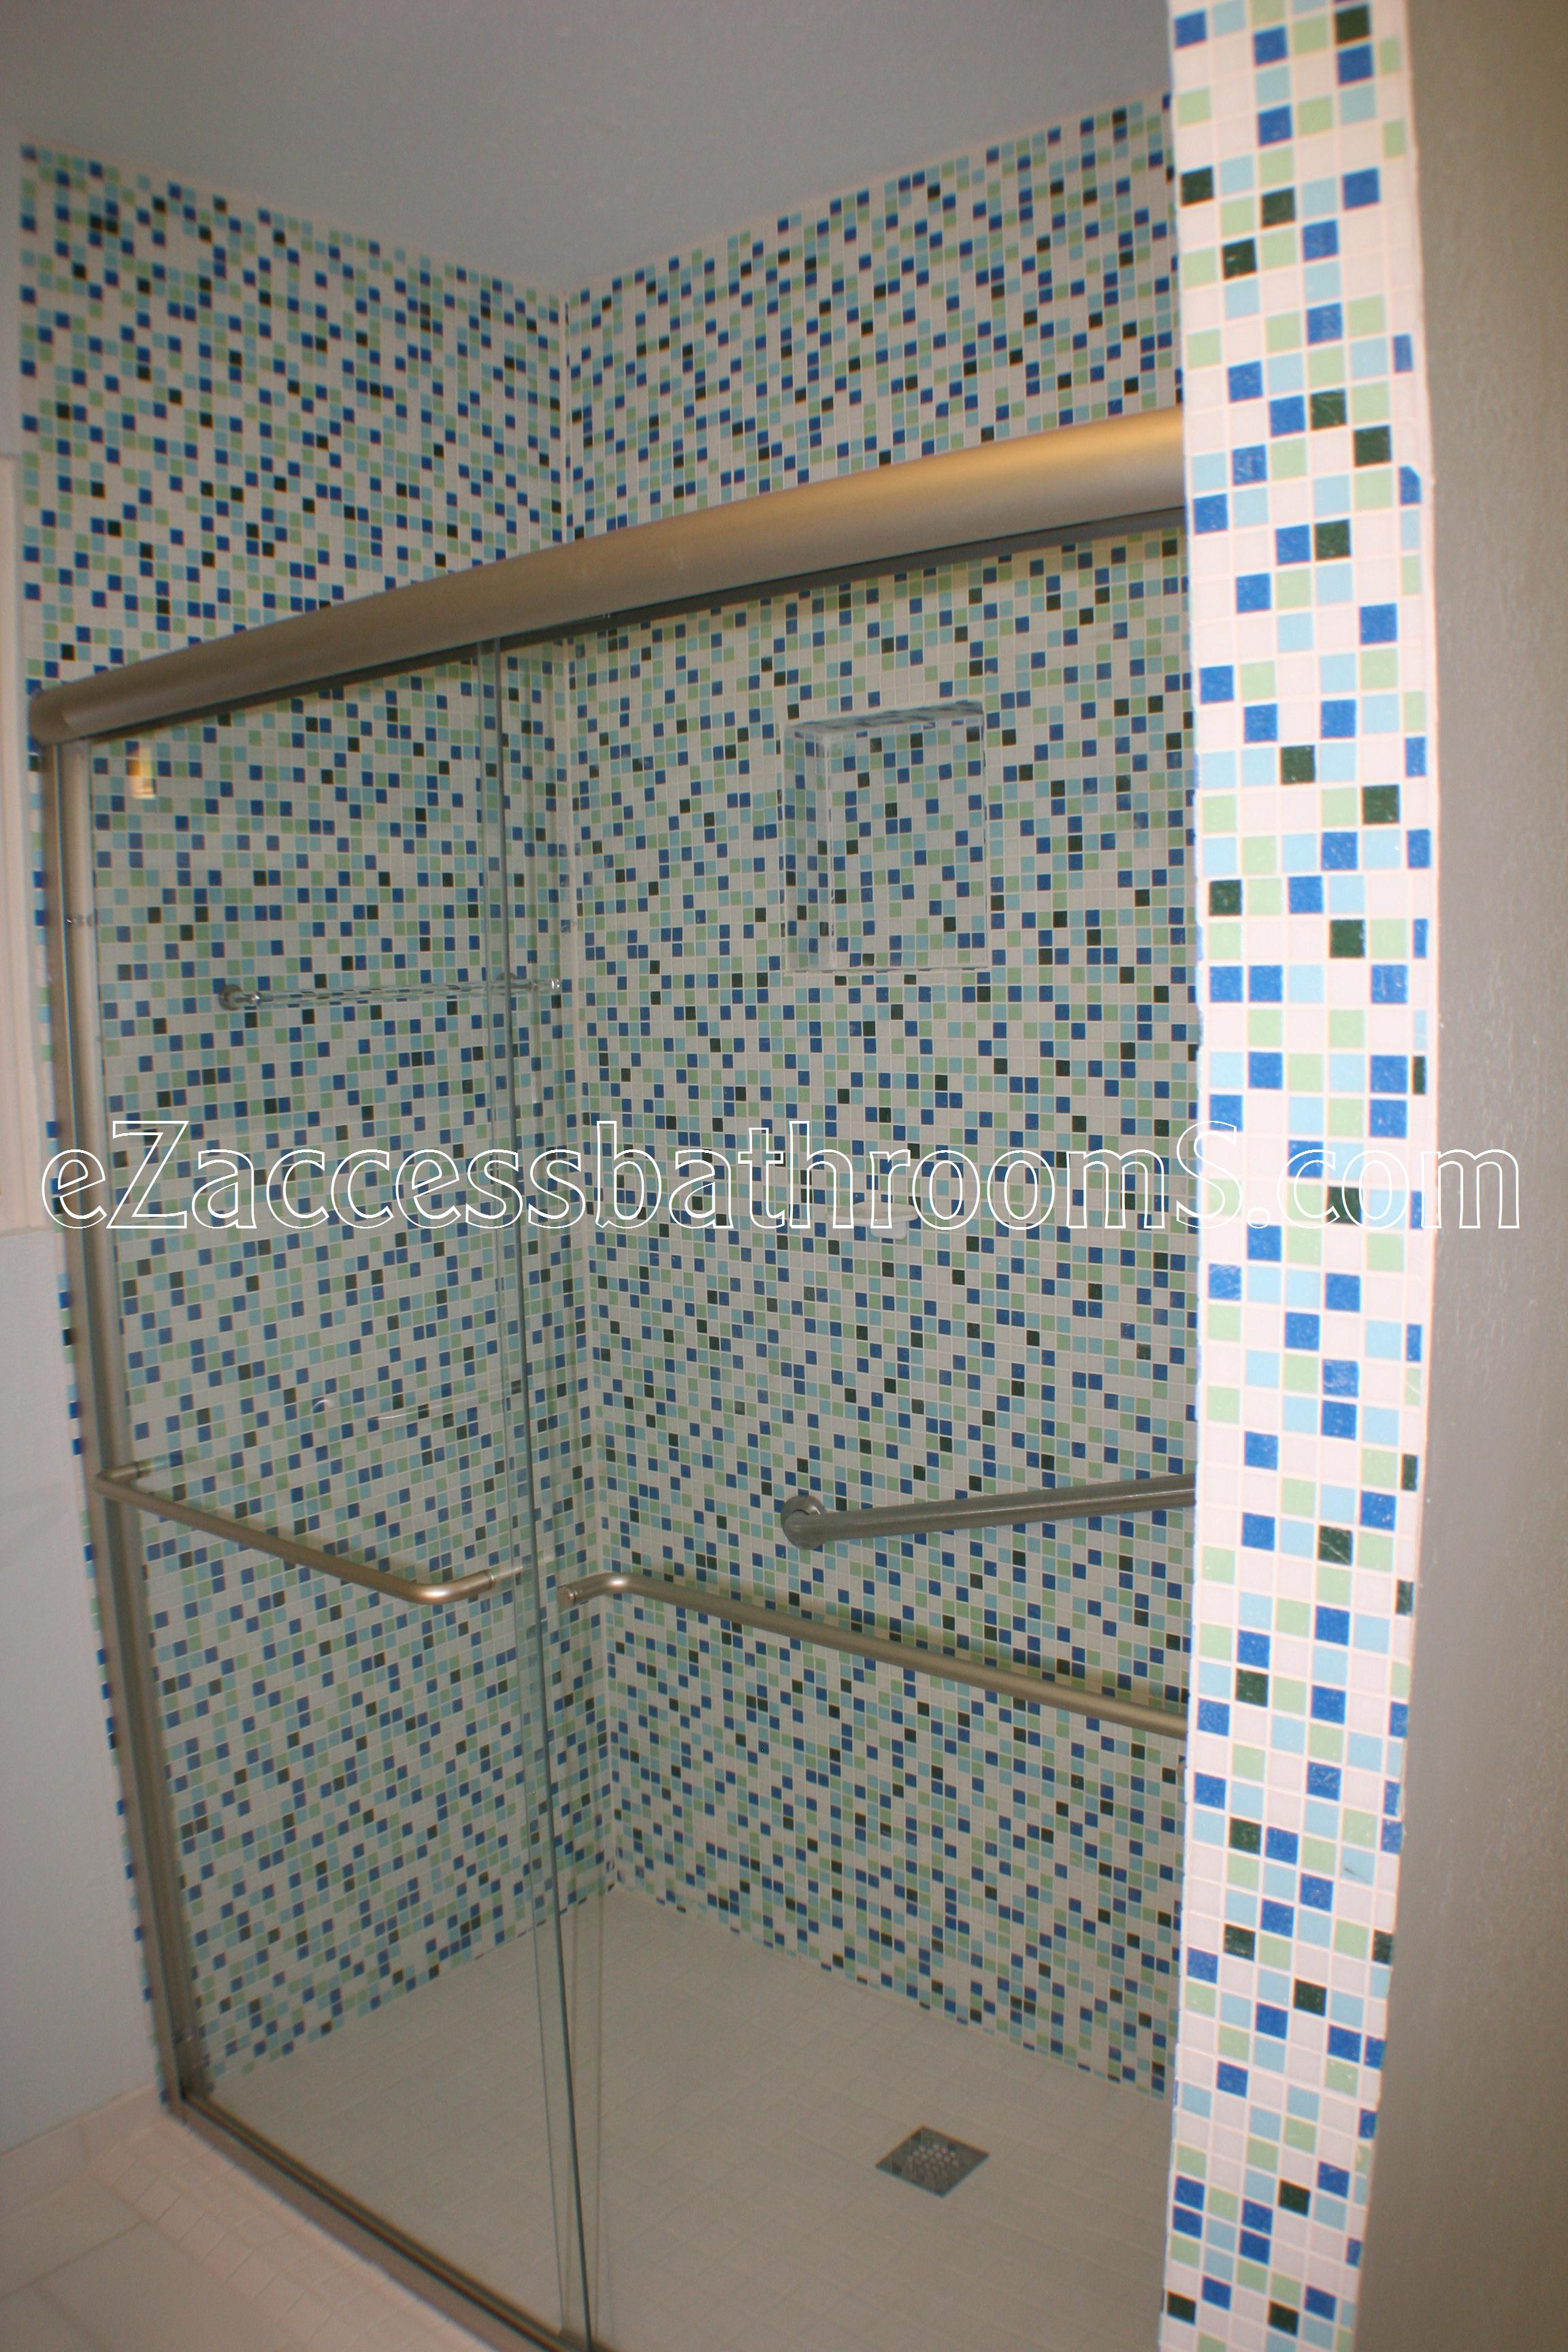 rollin shower ezaccessbathrooms.com 0035.JPG